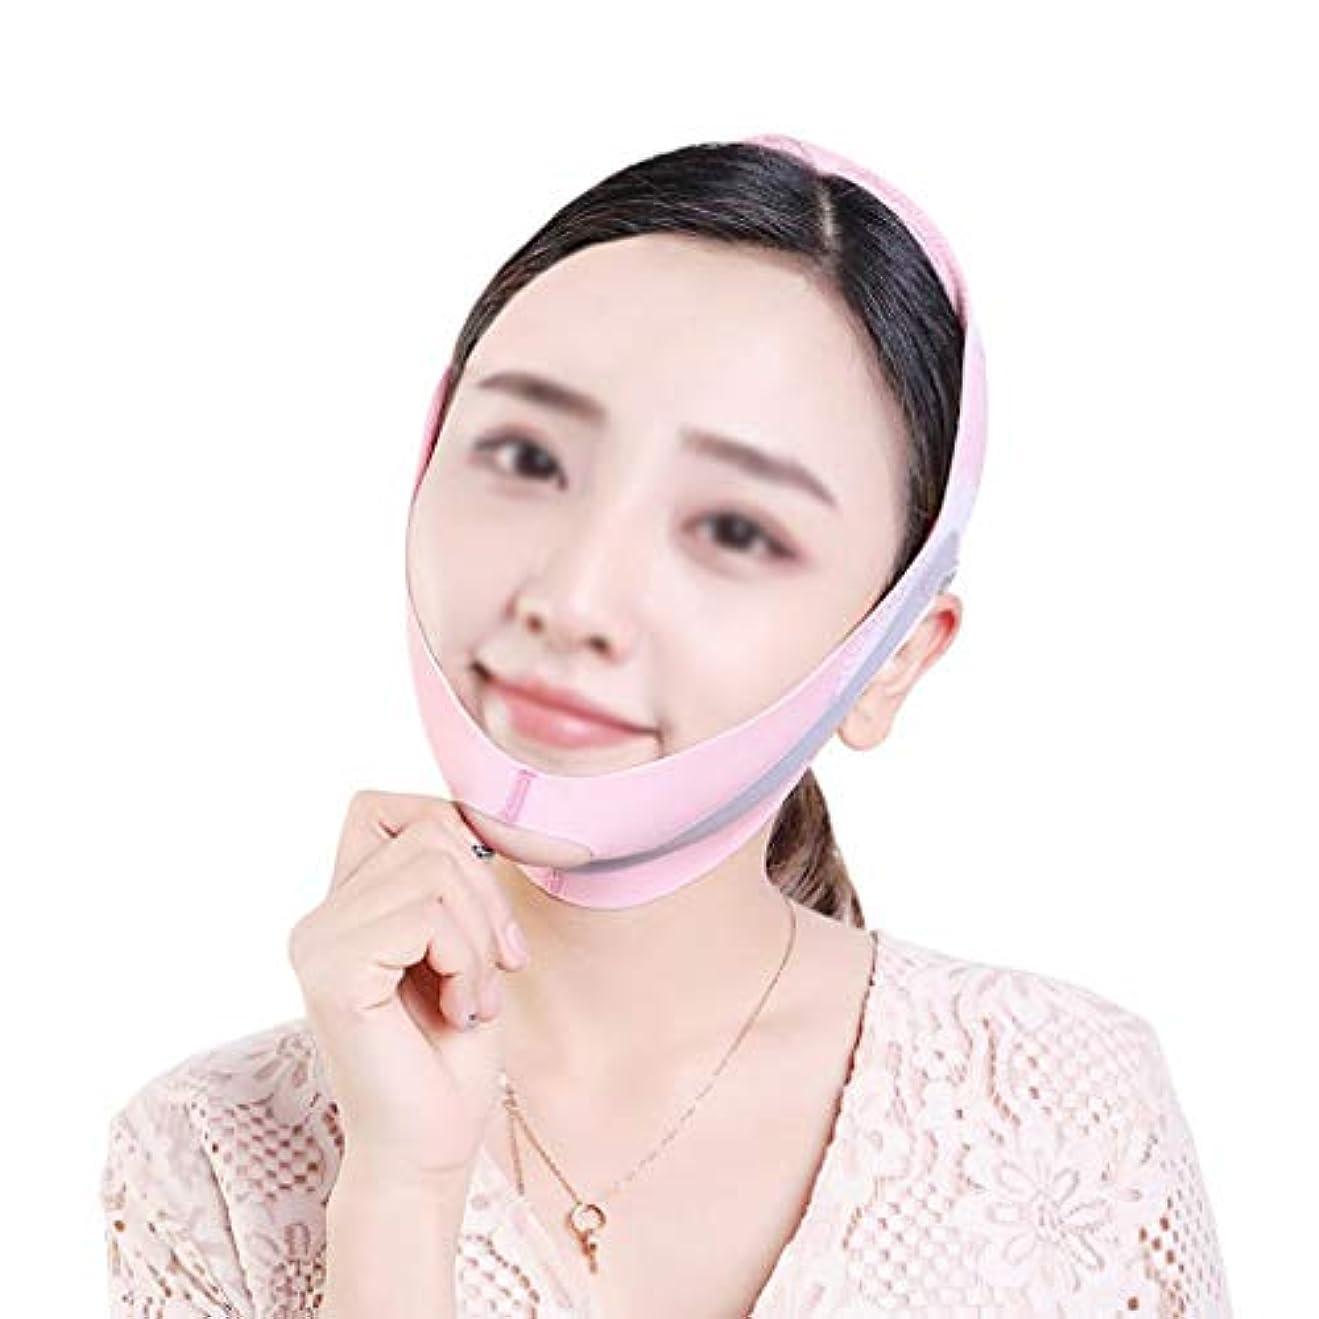 対処する裸フィルタLJK フェイスリフティング包帯、フェイスリフティングに適して、フェイシャルスキンを持ち上げ、二重あごケア減量(フリーサイズ、ピンク)